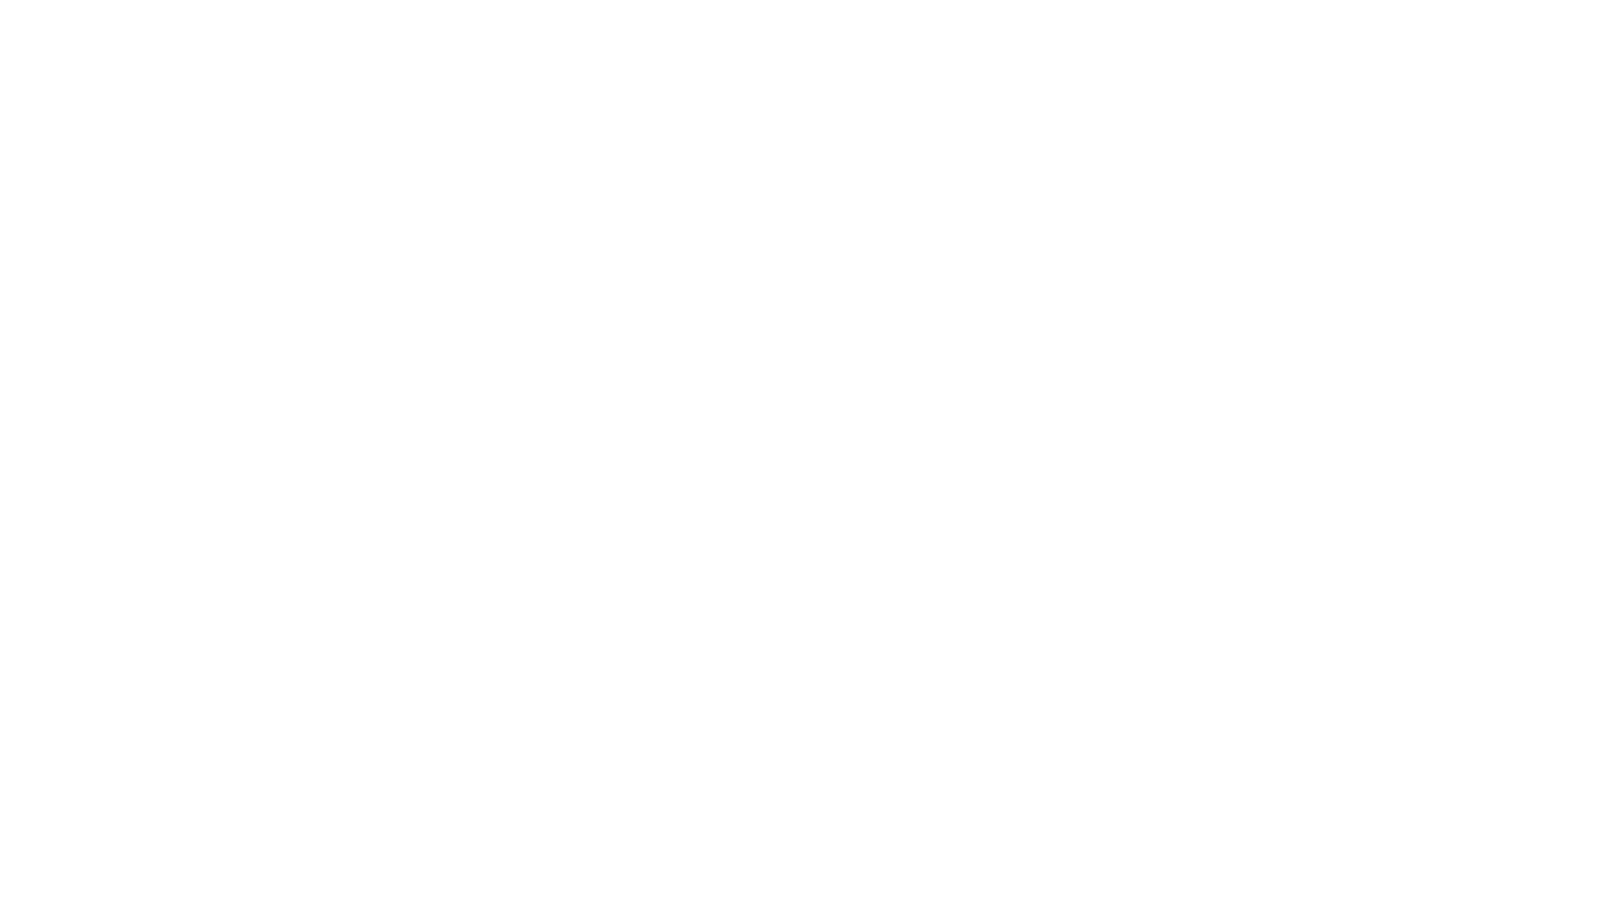 Haz parte del congreso más grande del transporte de carga y logística de Colombia,  por que sabemos que juntos seguiremos siendo un motor para la reactivación económica de nuestro sector. Hoy, los invitamos a reencontrarnos en Cartagena para que juntos vivamos de un congreso de alto nivel de la mano de las mejores empresas de transporte de carga y logística del país.¡Regístrese Ahora! Ingresando a través del siguiente enlace https://congresocolfecar.com/#form_colfecarSi desea solicitar mas información le invitamos a comunicarse a través del correo mariafsoto@colfecar.org.co - camila.lozada@congresocolfecar.com o a las líneas +57 310 570 4653 - Carolina Cañon +57 310 348 4187 Ana María Díaz Cupos Limitados.#JuntosLogramosMás